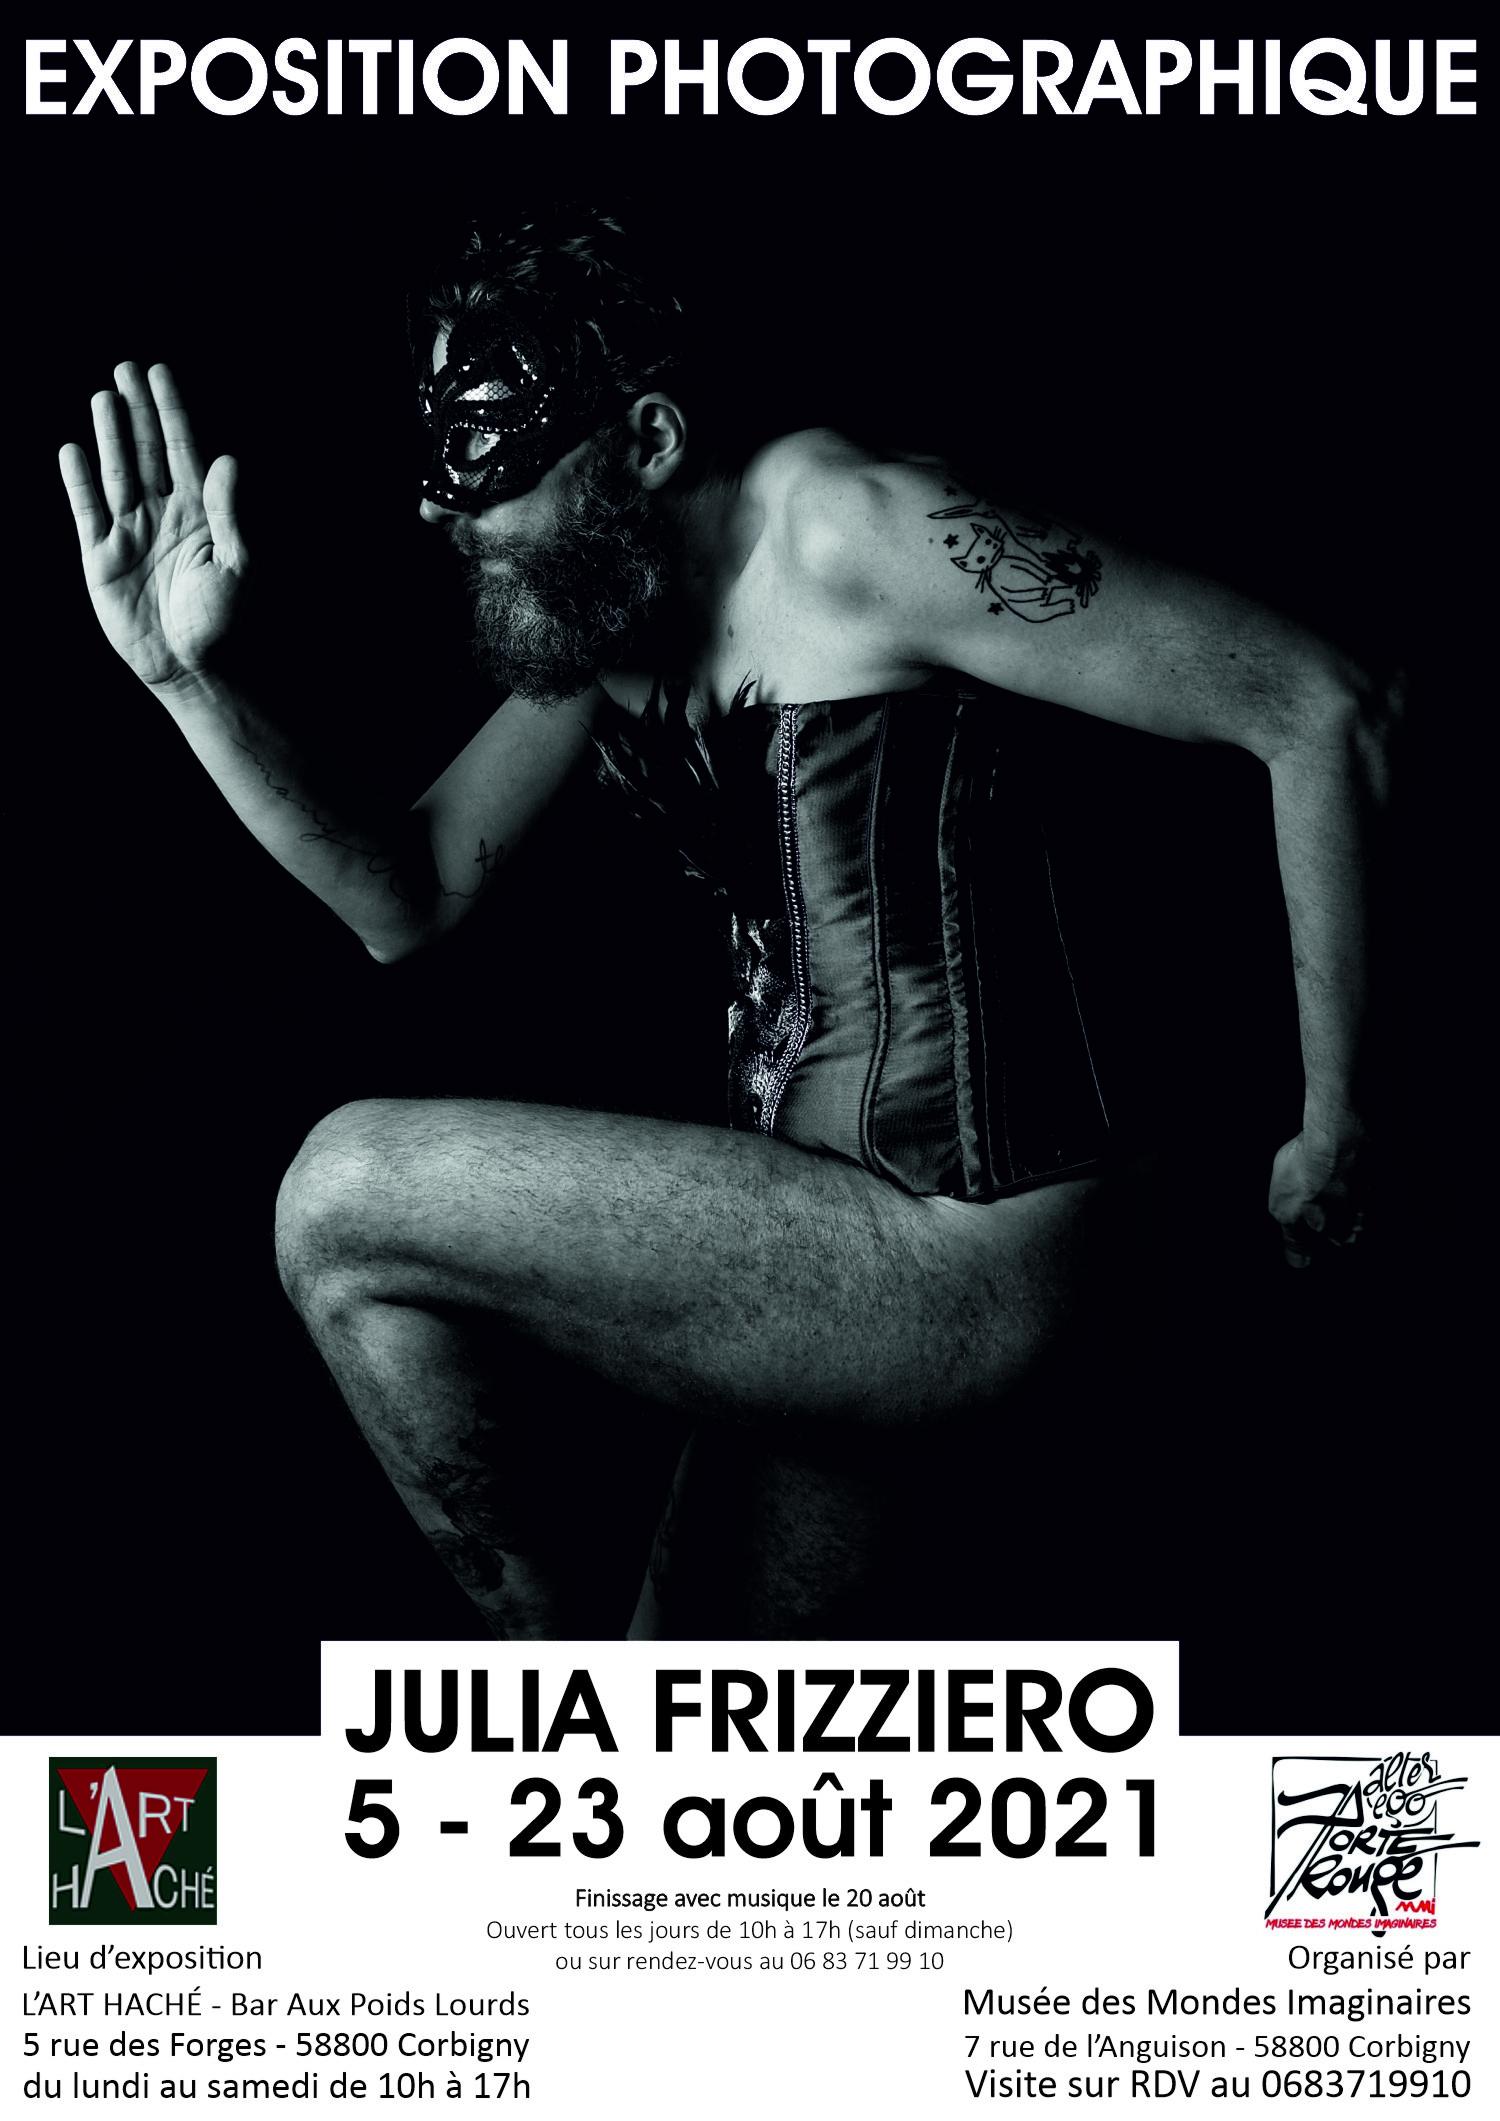 EXPOSITION PHOTOGRAPHIQUE JULIA FRIZZIERO